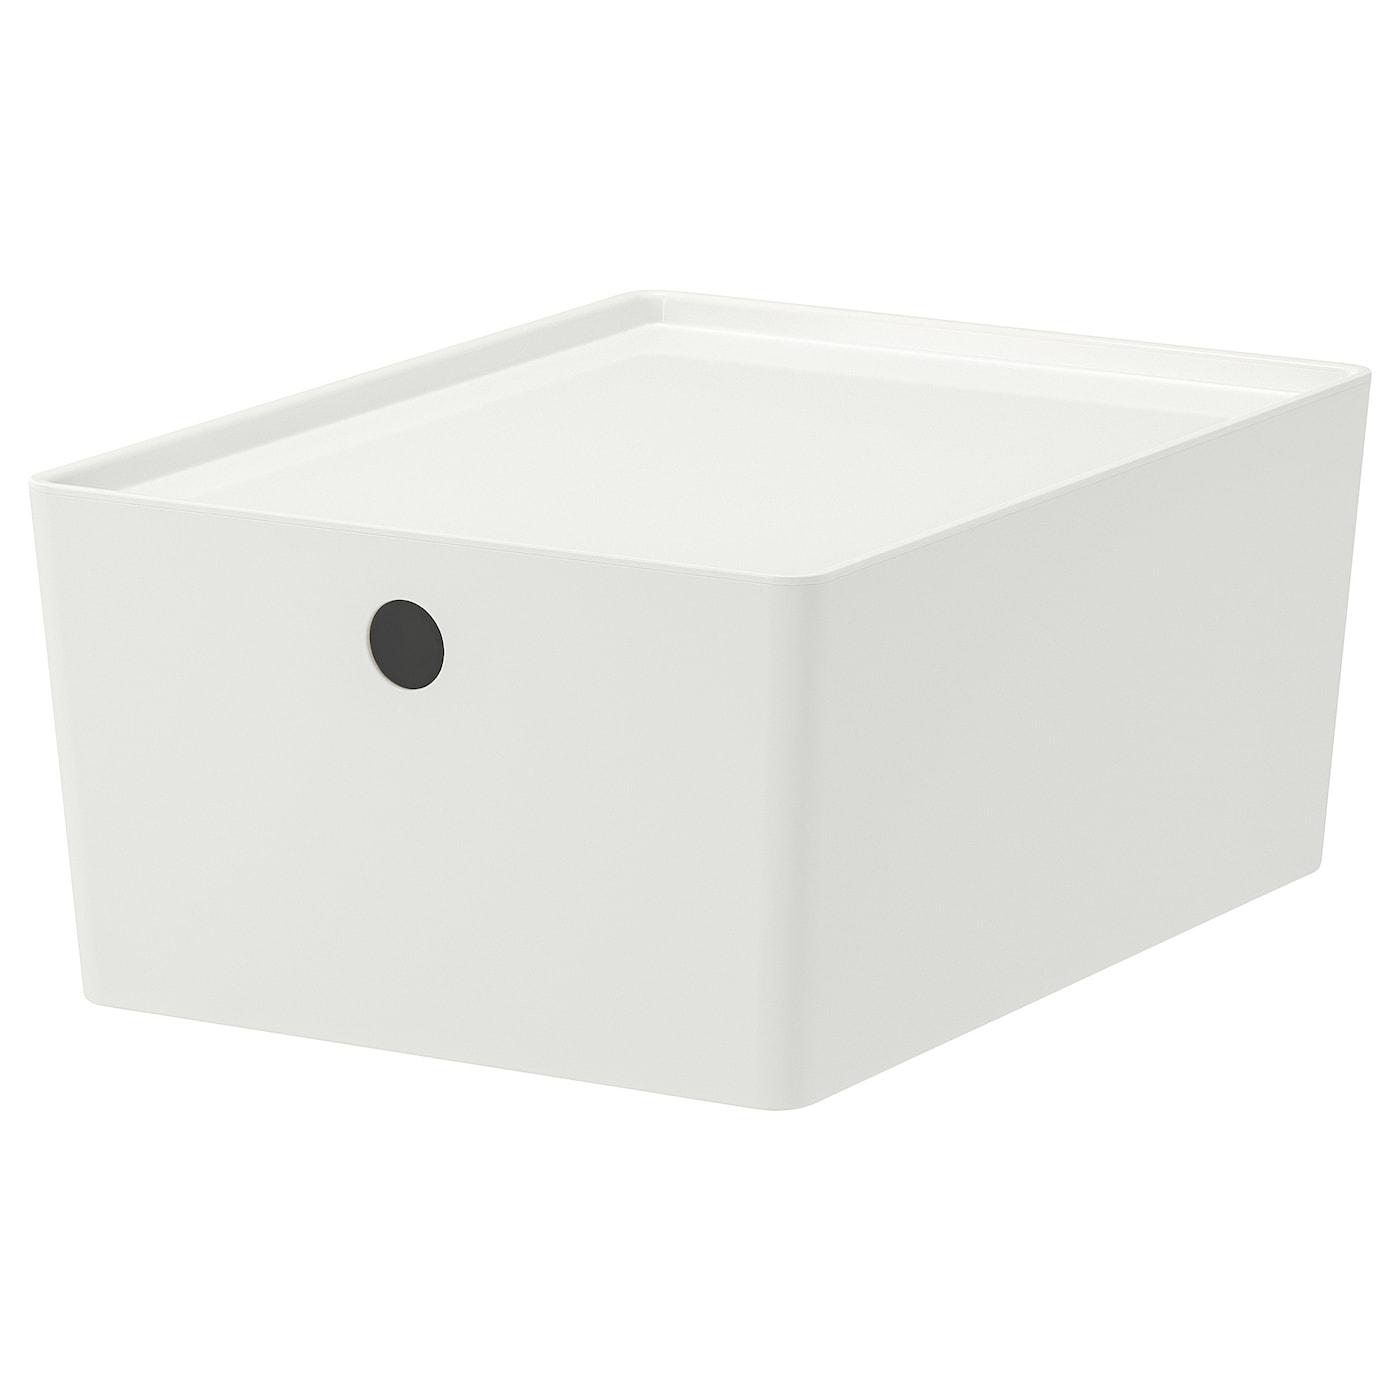 IKEA KUGGIS Box mit Deckel - 35 x 26 x 15 cm